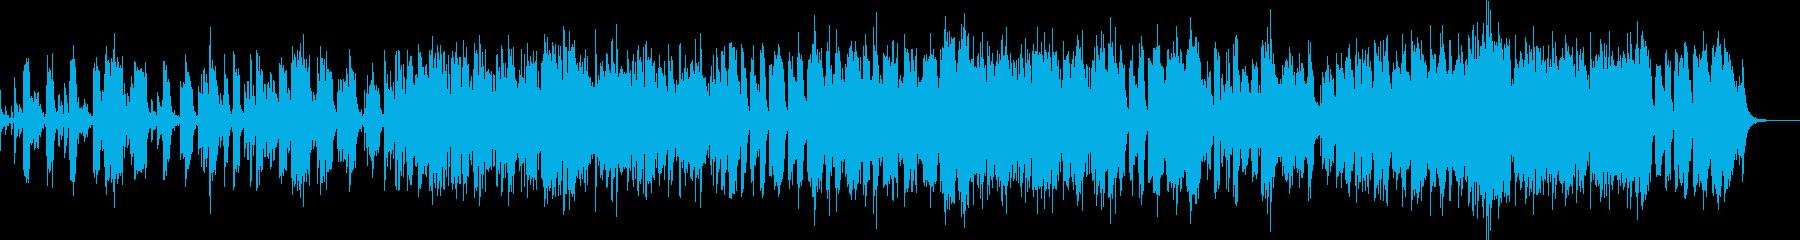 疾走感のあるジャズ風ナンバーの再生済みの波形